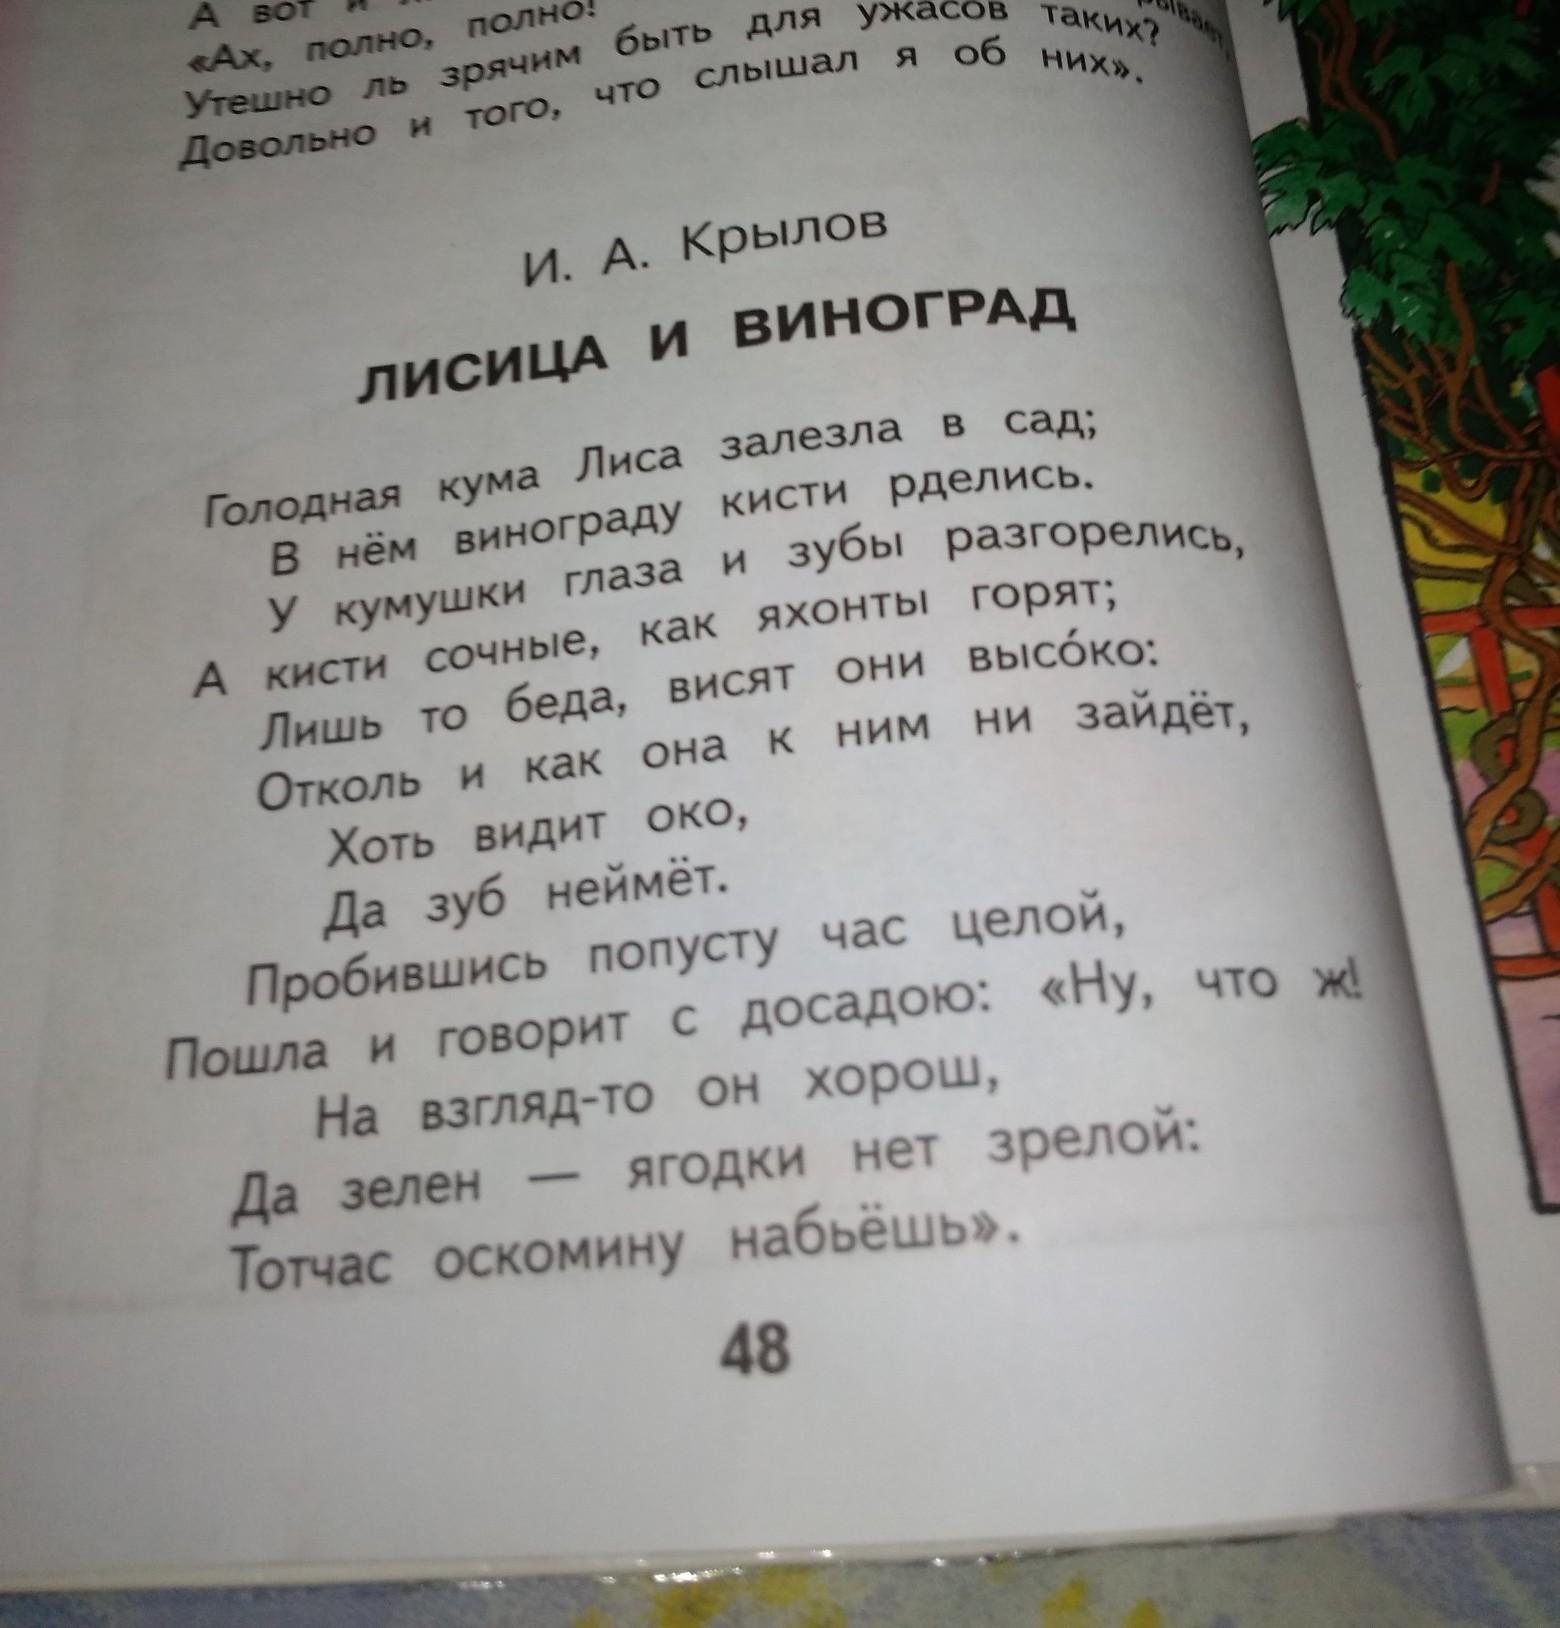 Какова Мораль басни Лисица и виноград - Школьные Знания.com